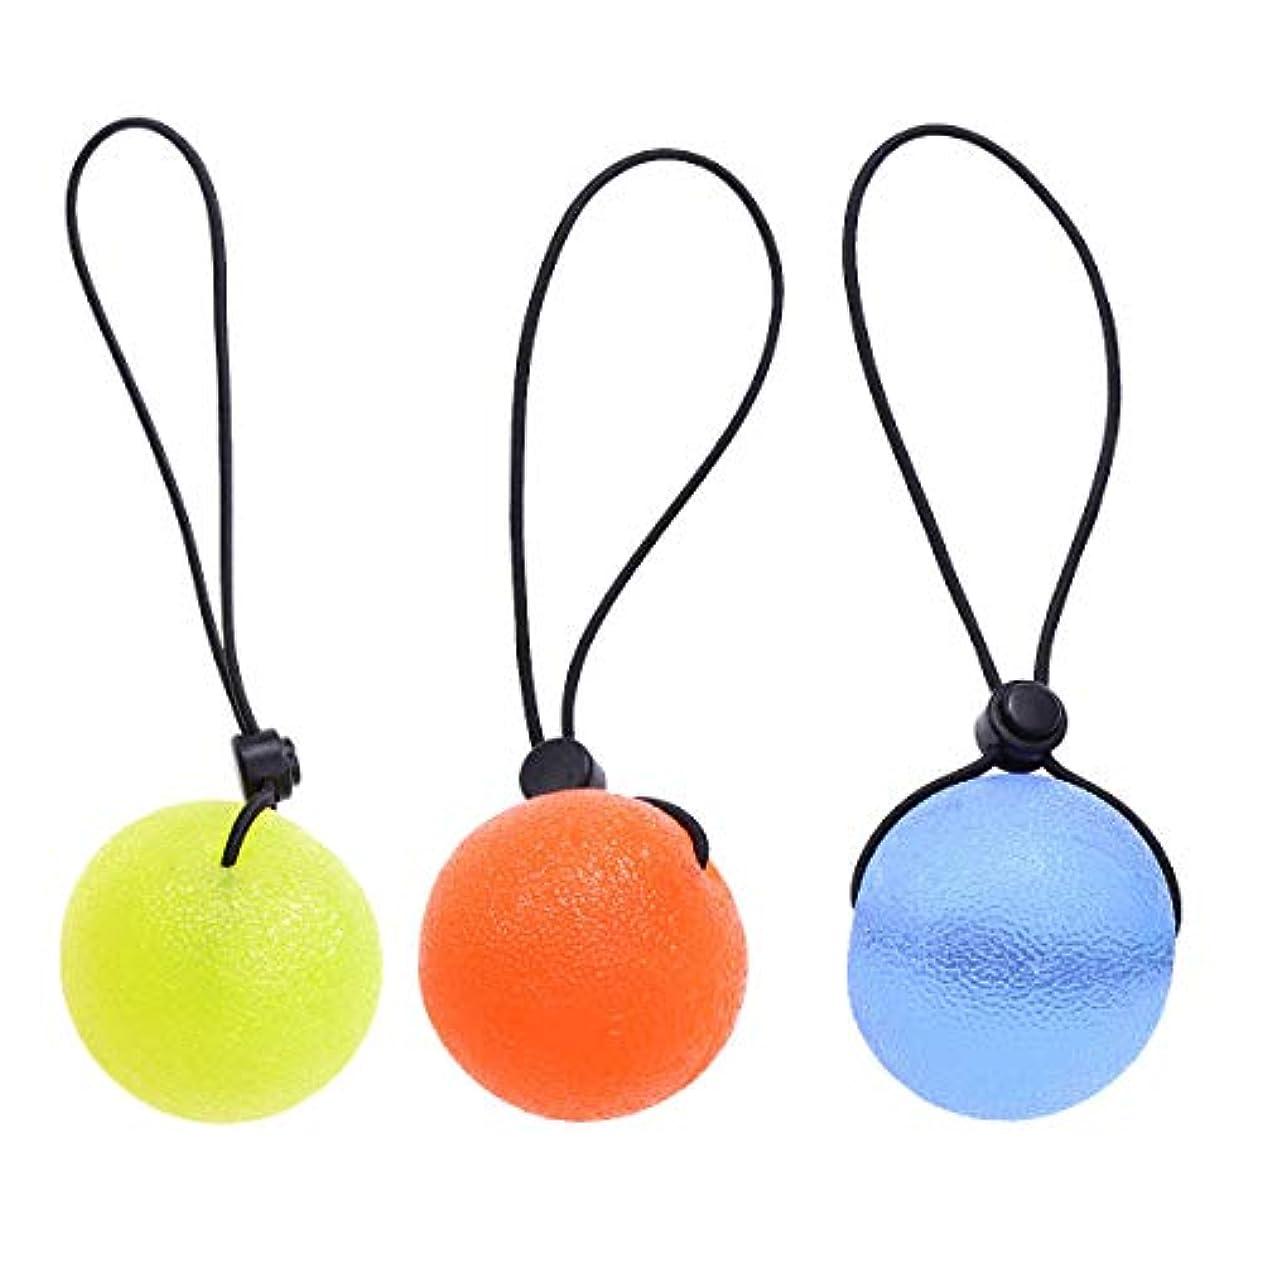 意識的本ネックレットHEALIFTY ストレスリリーフボール、3本の指グリップボールセラピーエクササイズスクイズ卵ストレスボールストリングフィットネス機器(ランダムカラー)